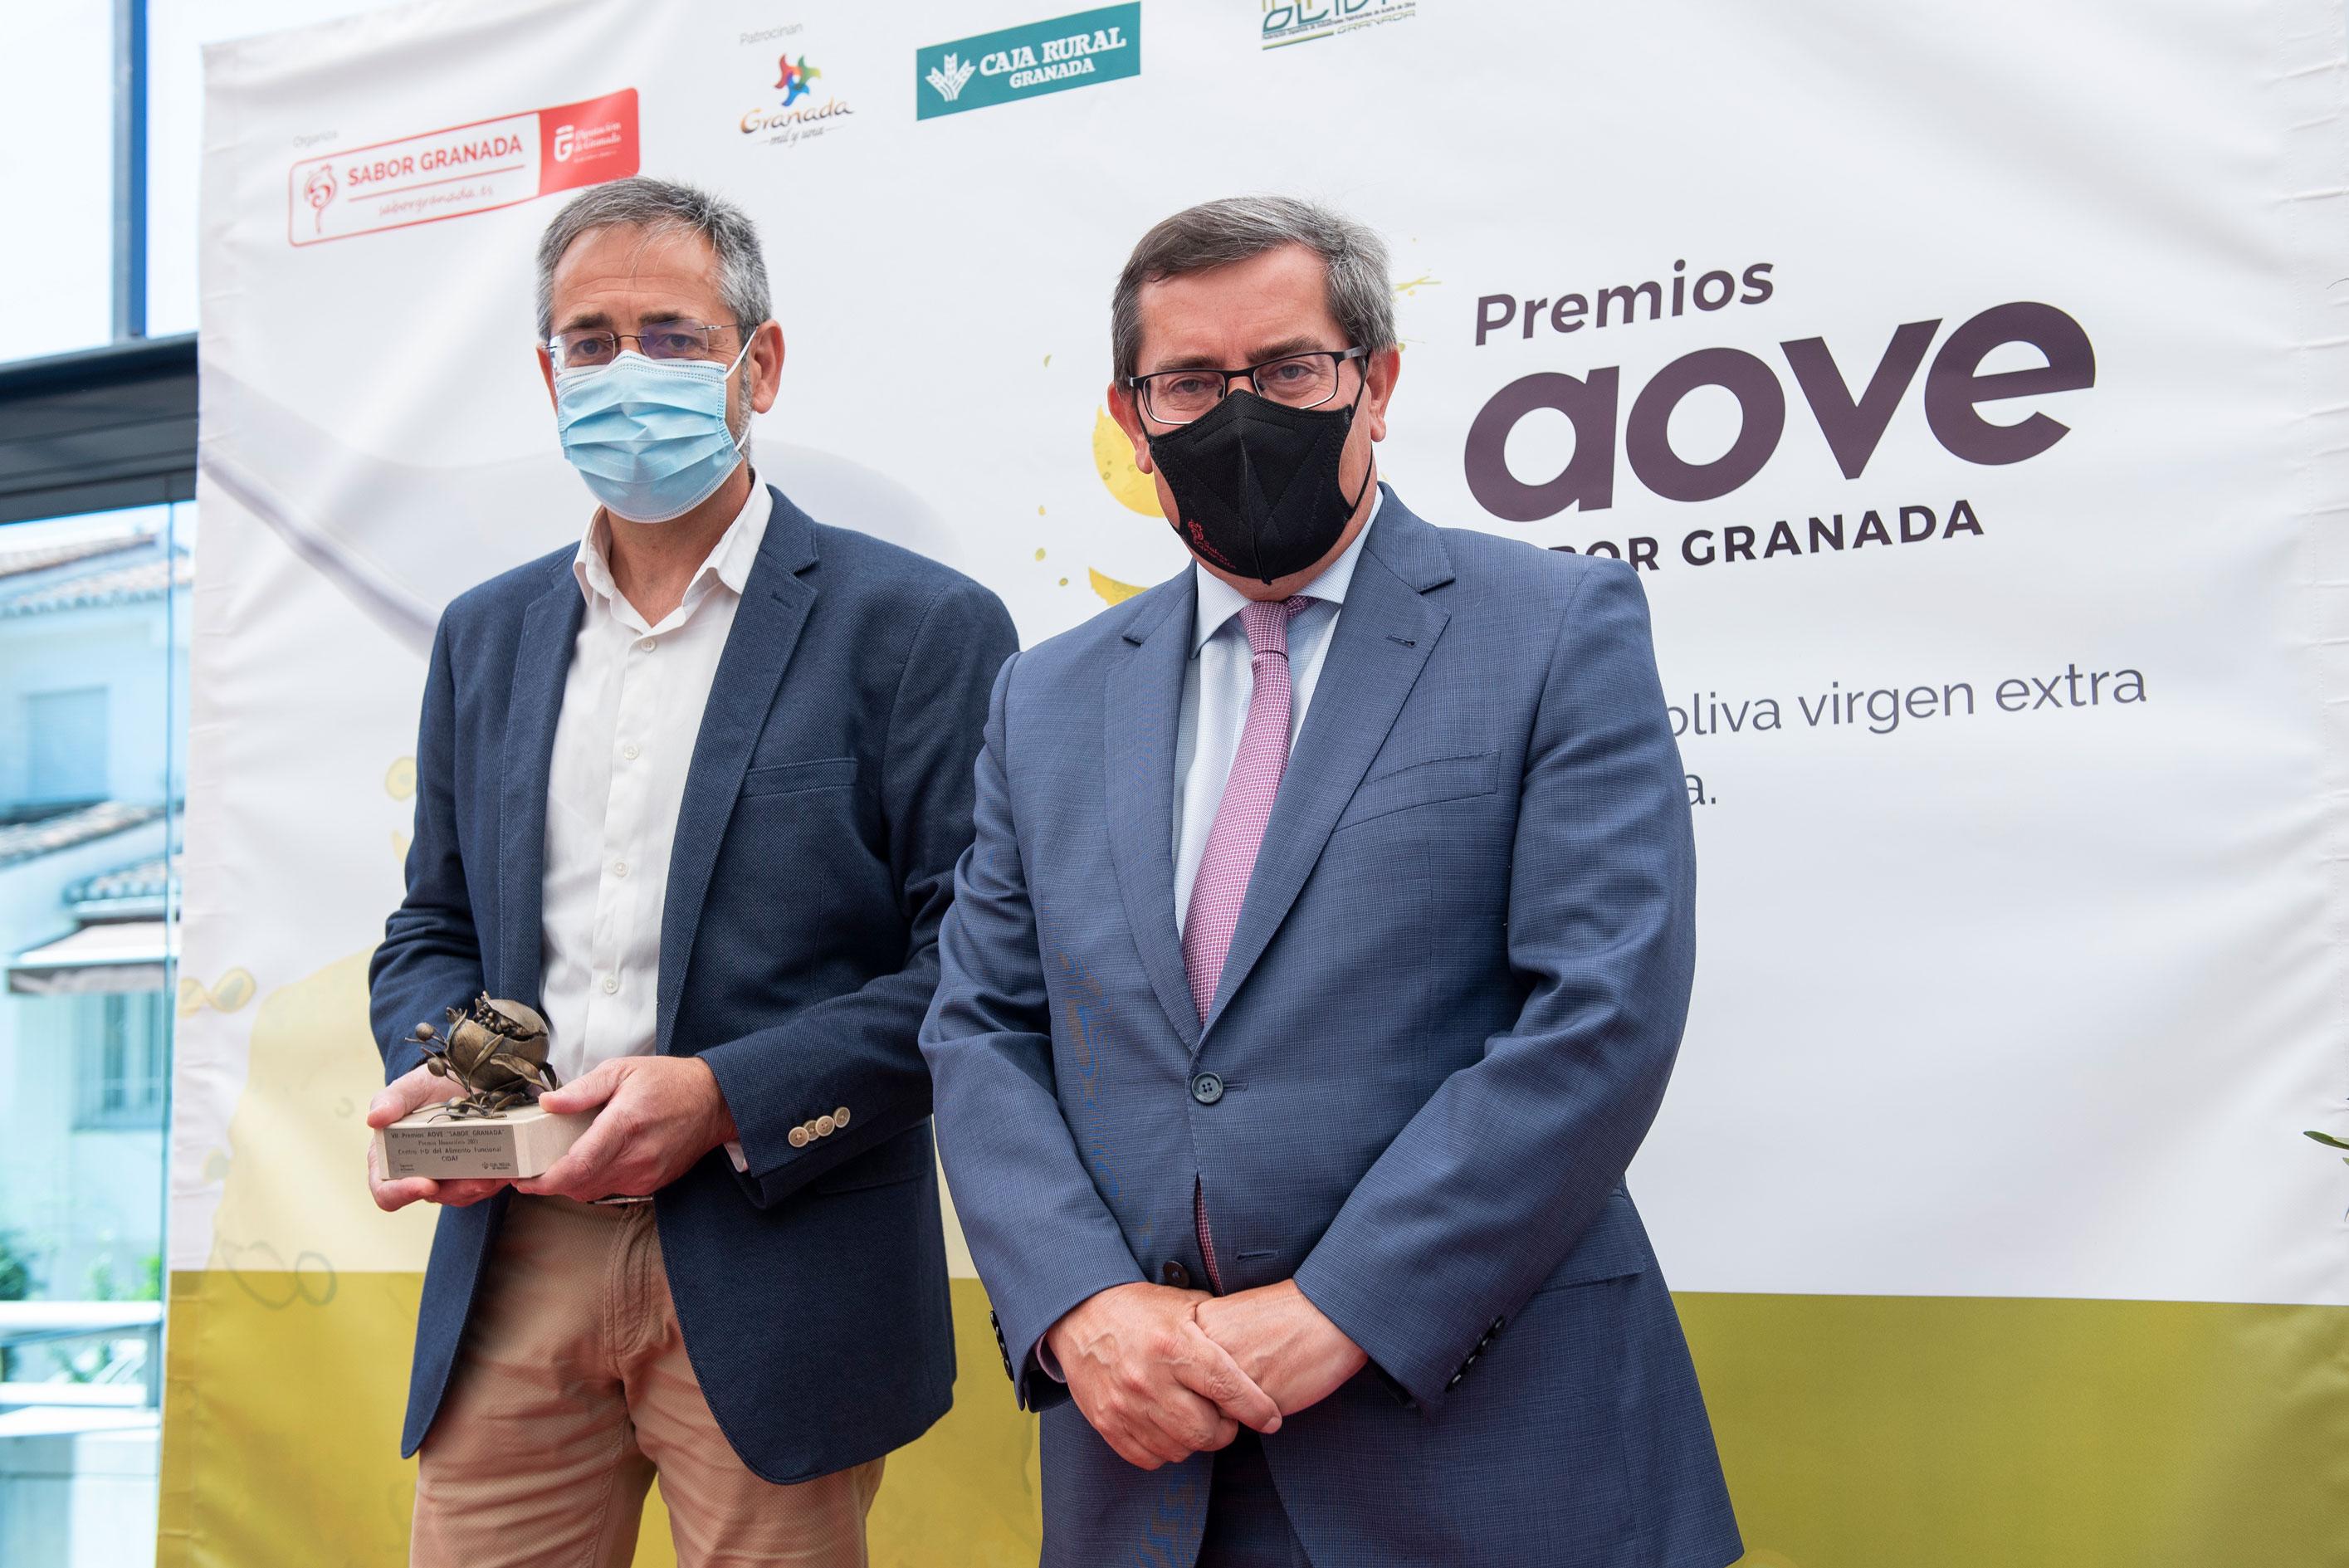 Centro de I+D del Alimento Funcional recoge el Premio Honorífico de la Séptima Edición de los Premios AOVE Sabor Granada